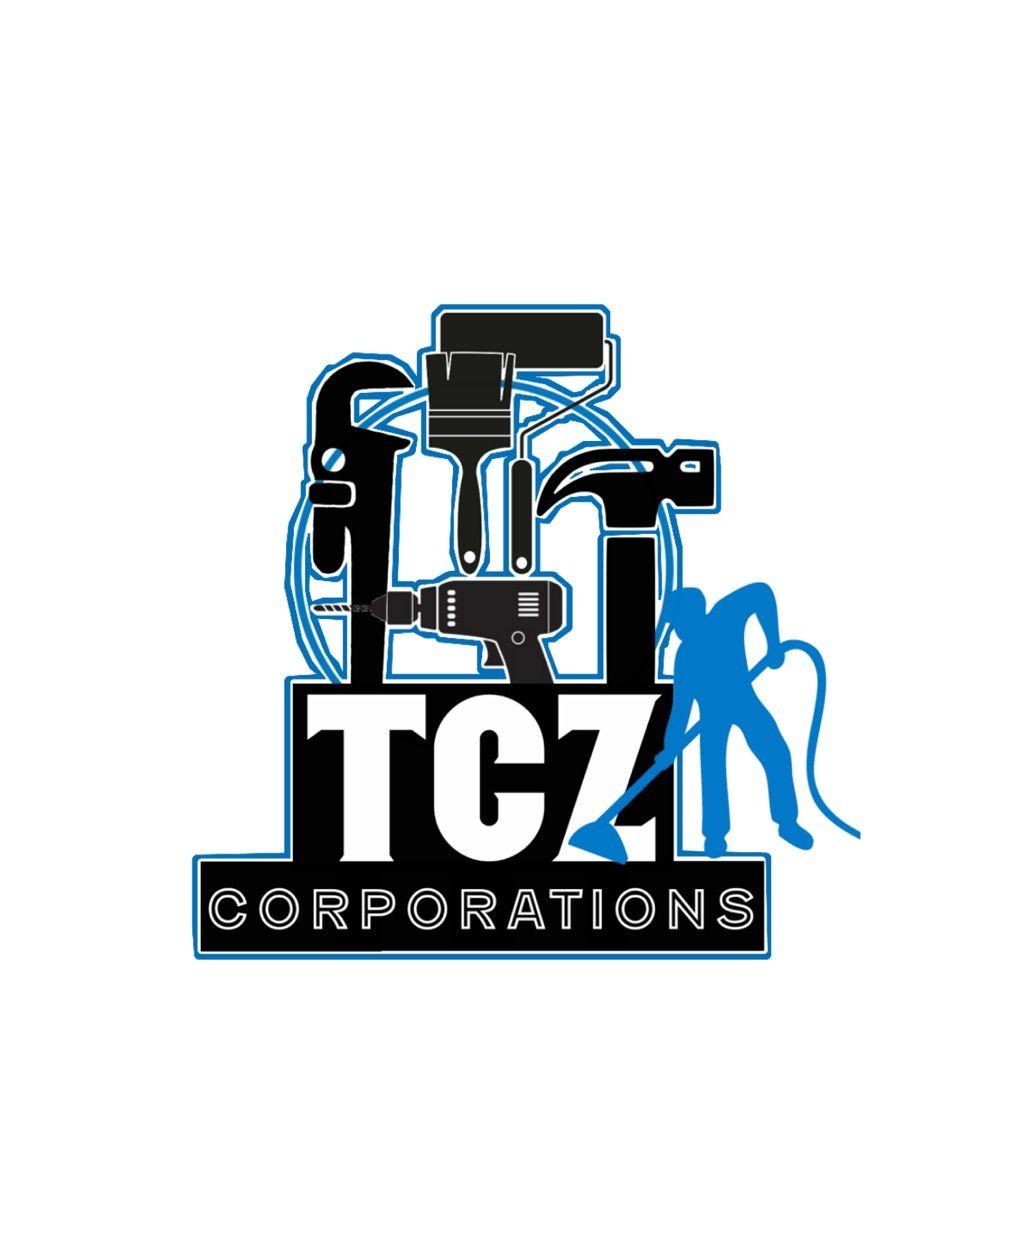 TCZ CORPORATIONS LLC